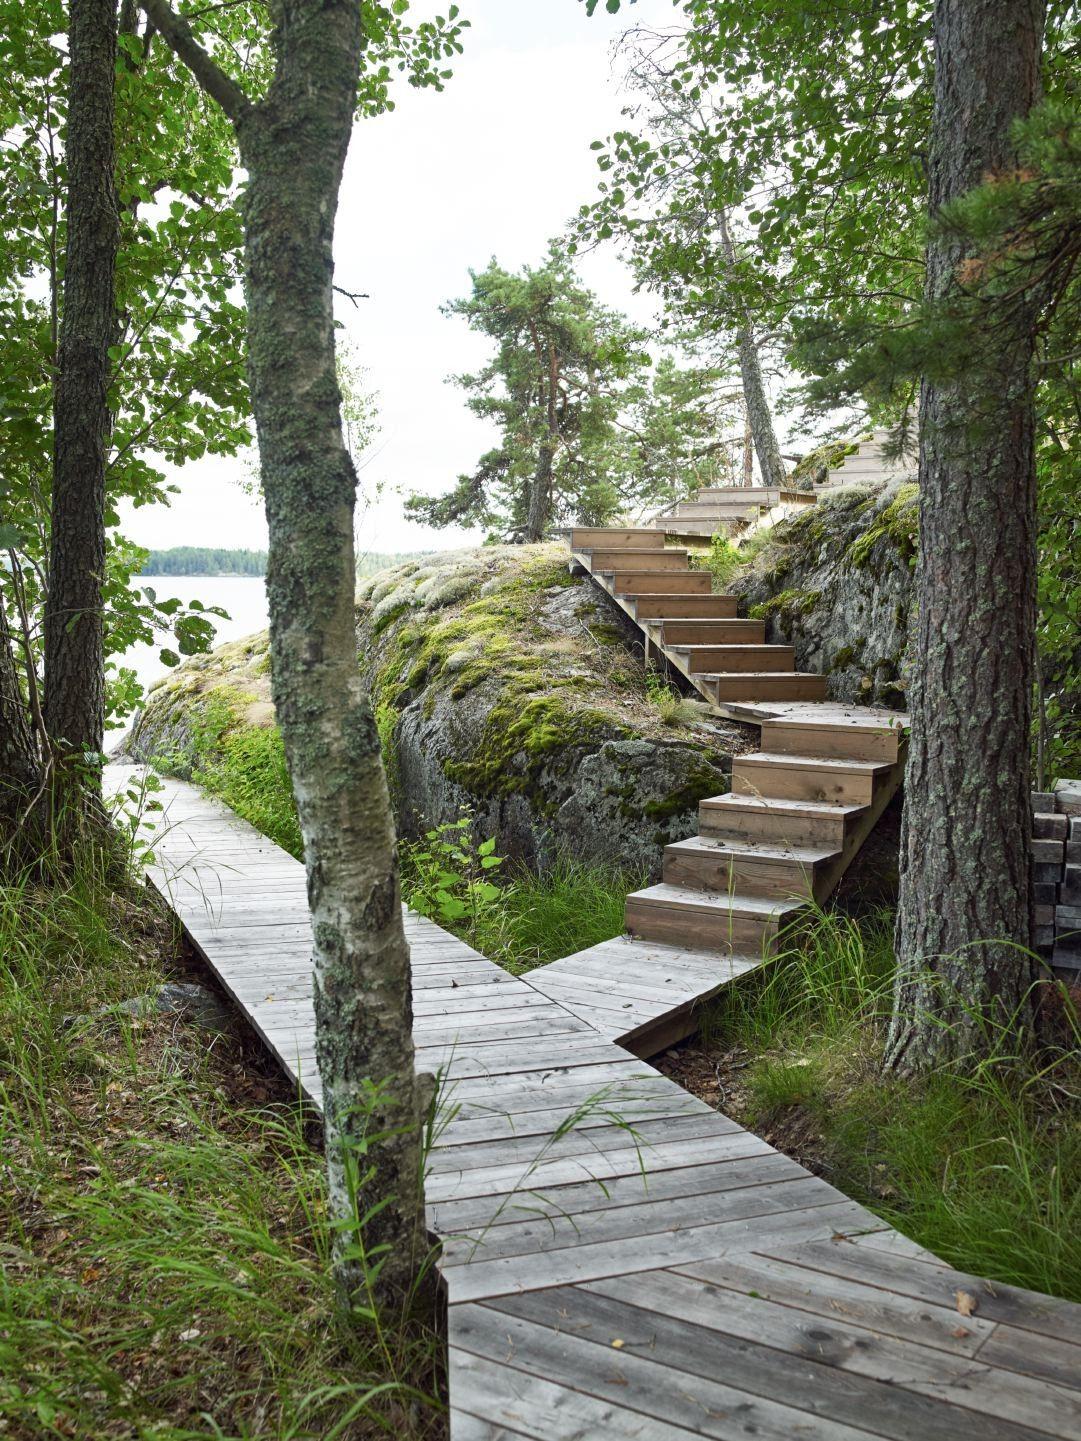 Puinen polku luonnossa, puukäytävä, puukatteinen polku ...